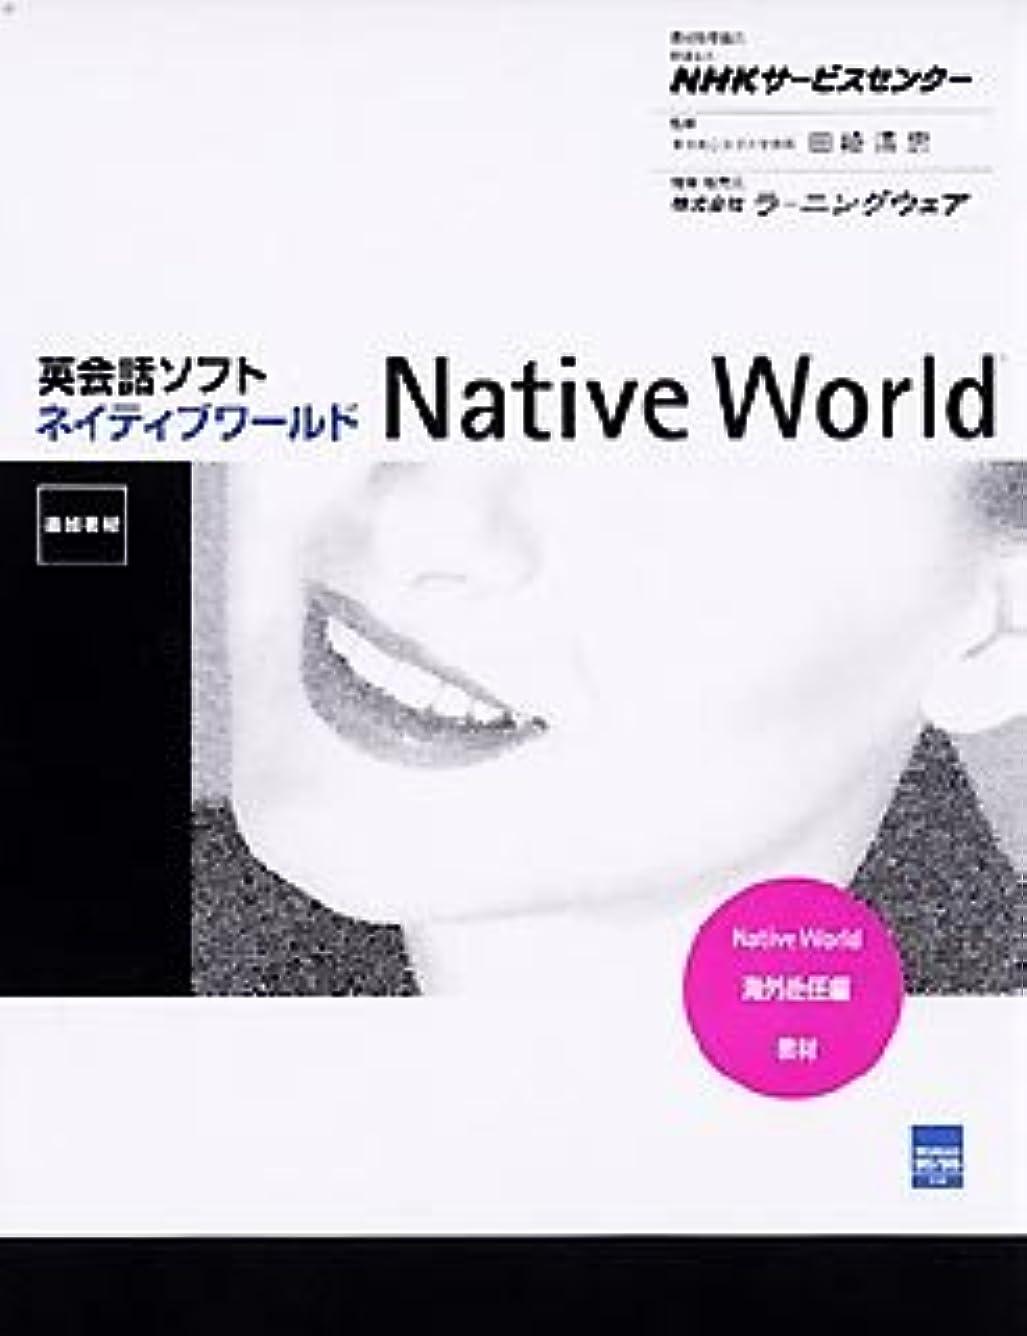 受信限り海洋のNative World 追加教材 海外赴任編